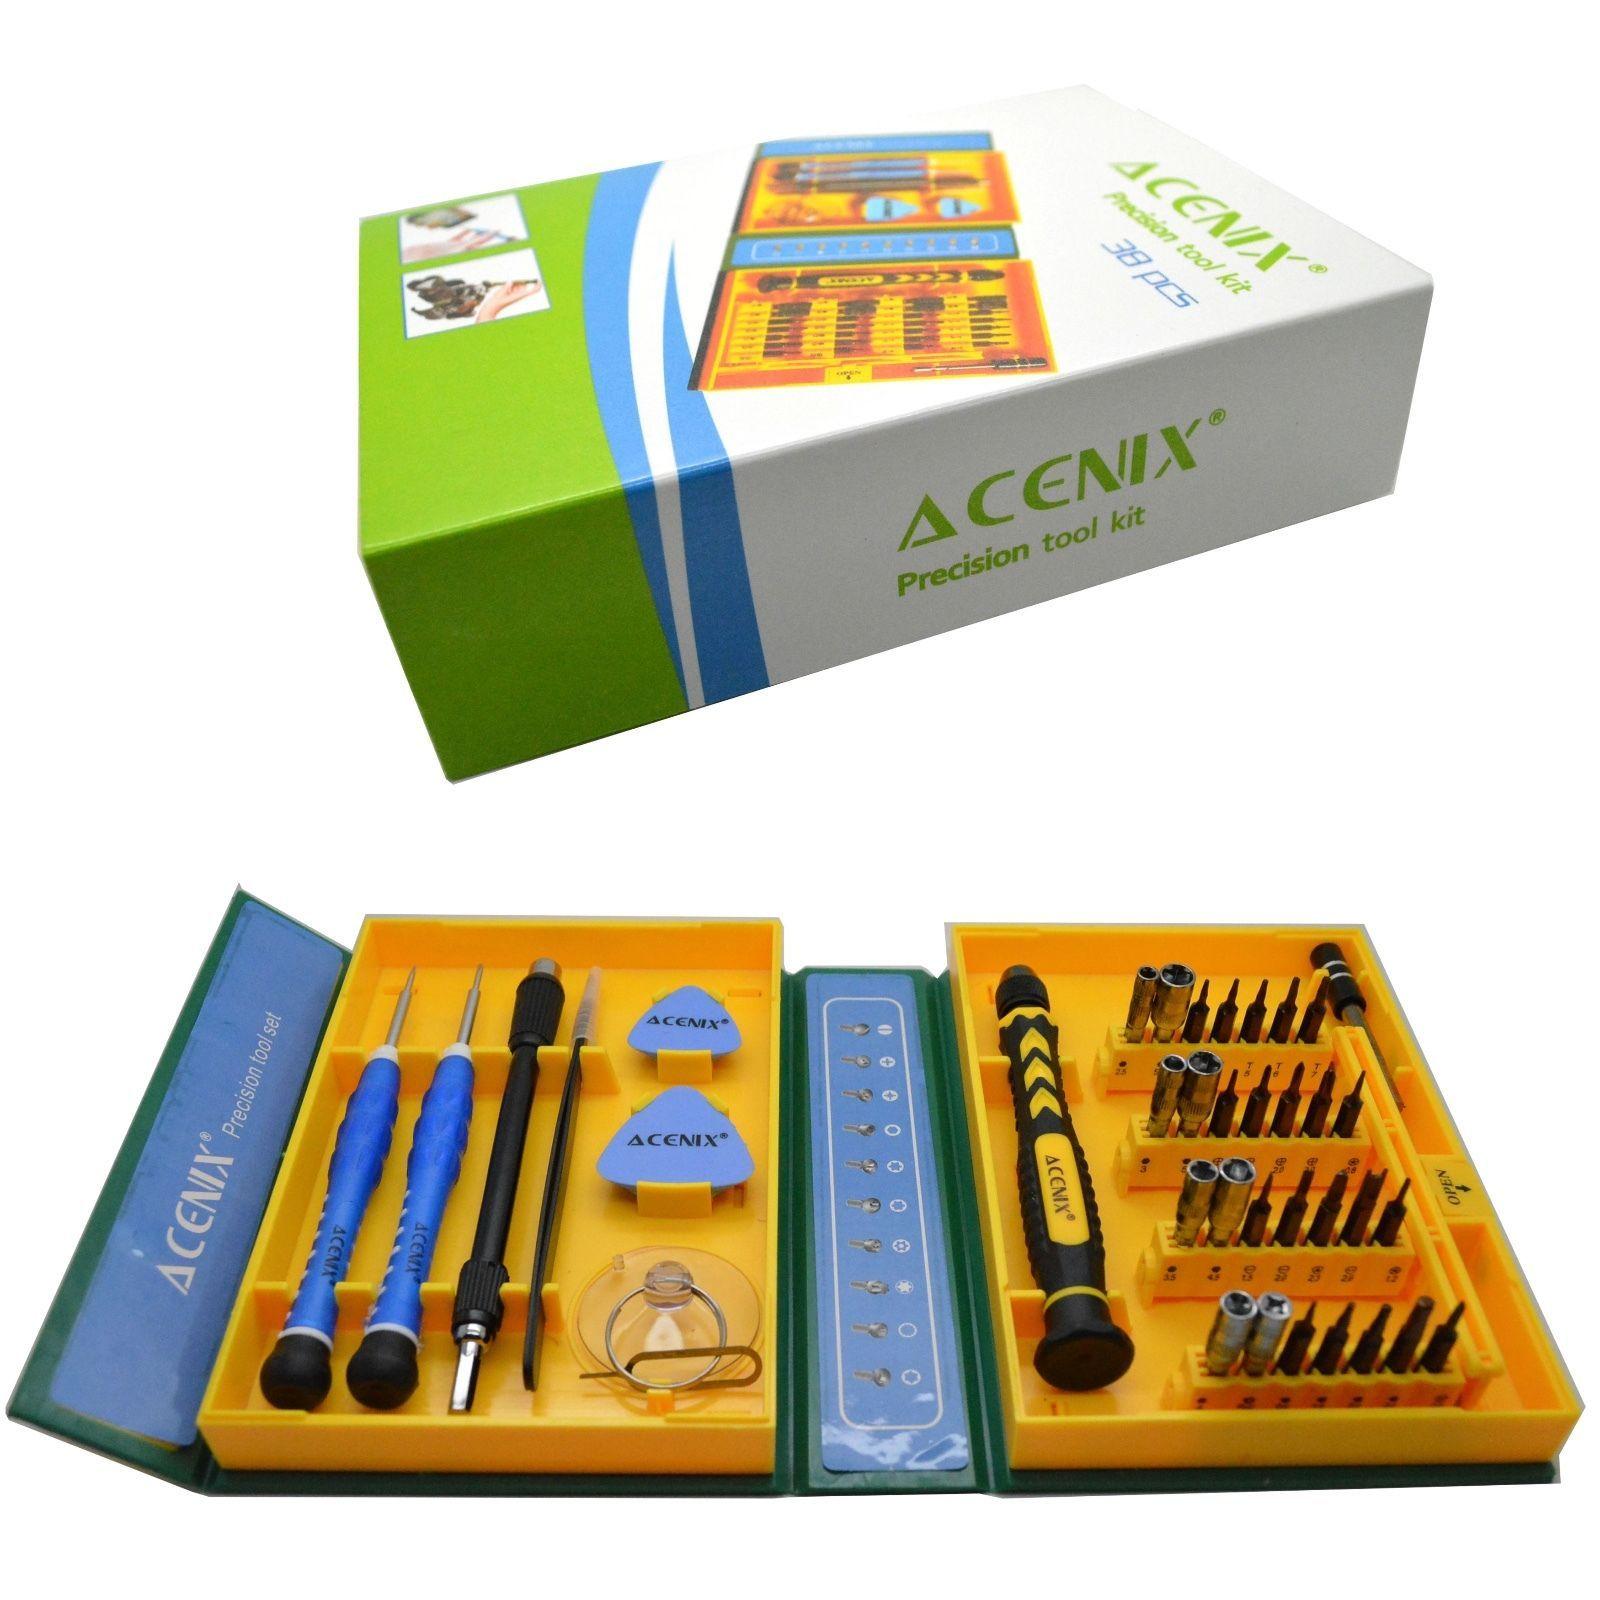 Iphone Repair Kit Iphone Repair Kit Iphone Repair Tool Kit